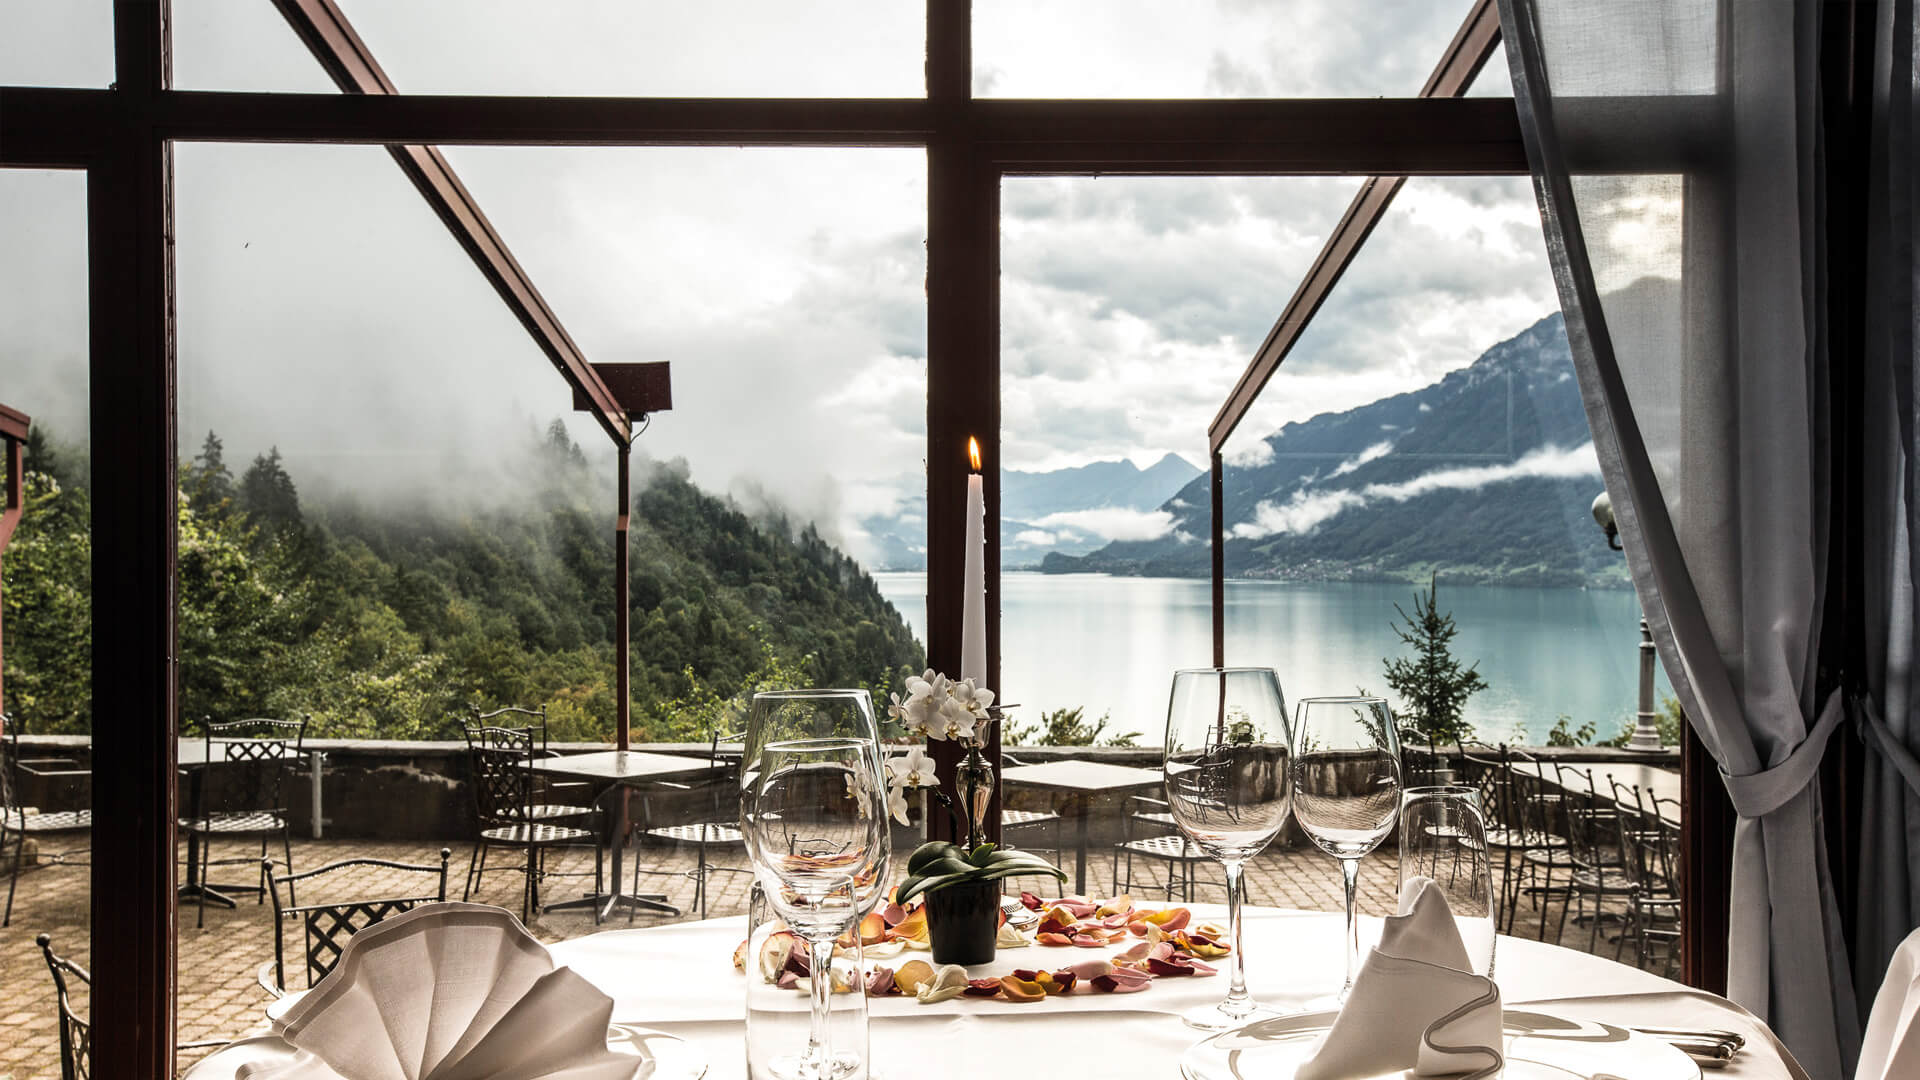 grandhotel-giessbach-restaurant-les-cascades-terrasse